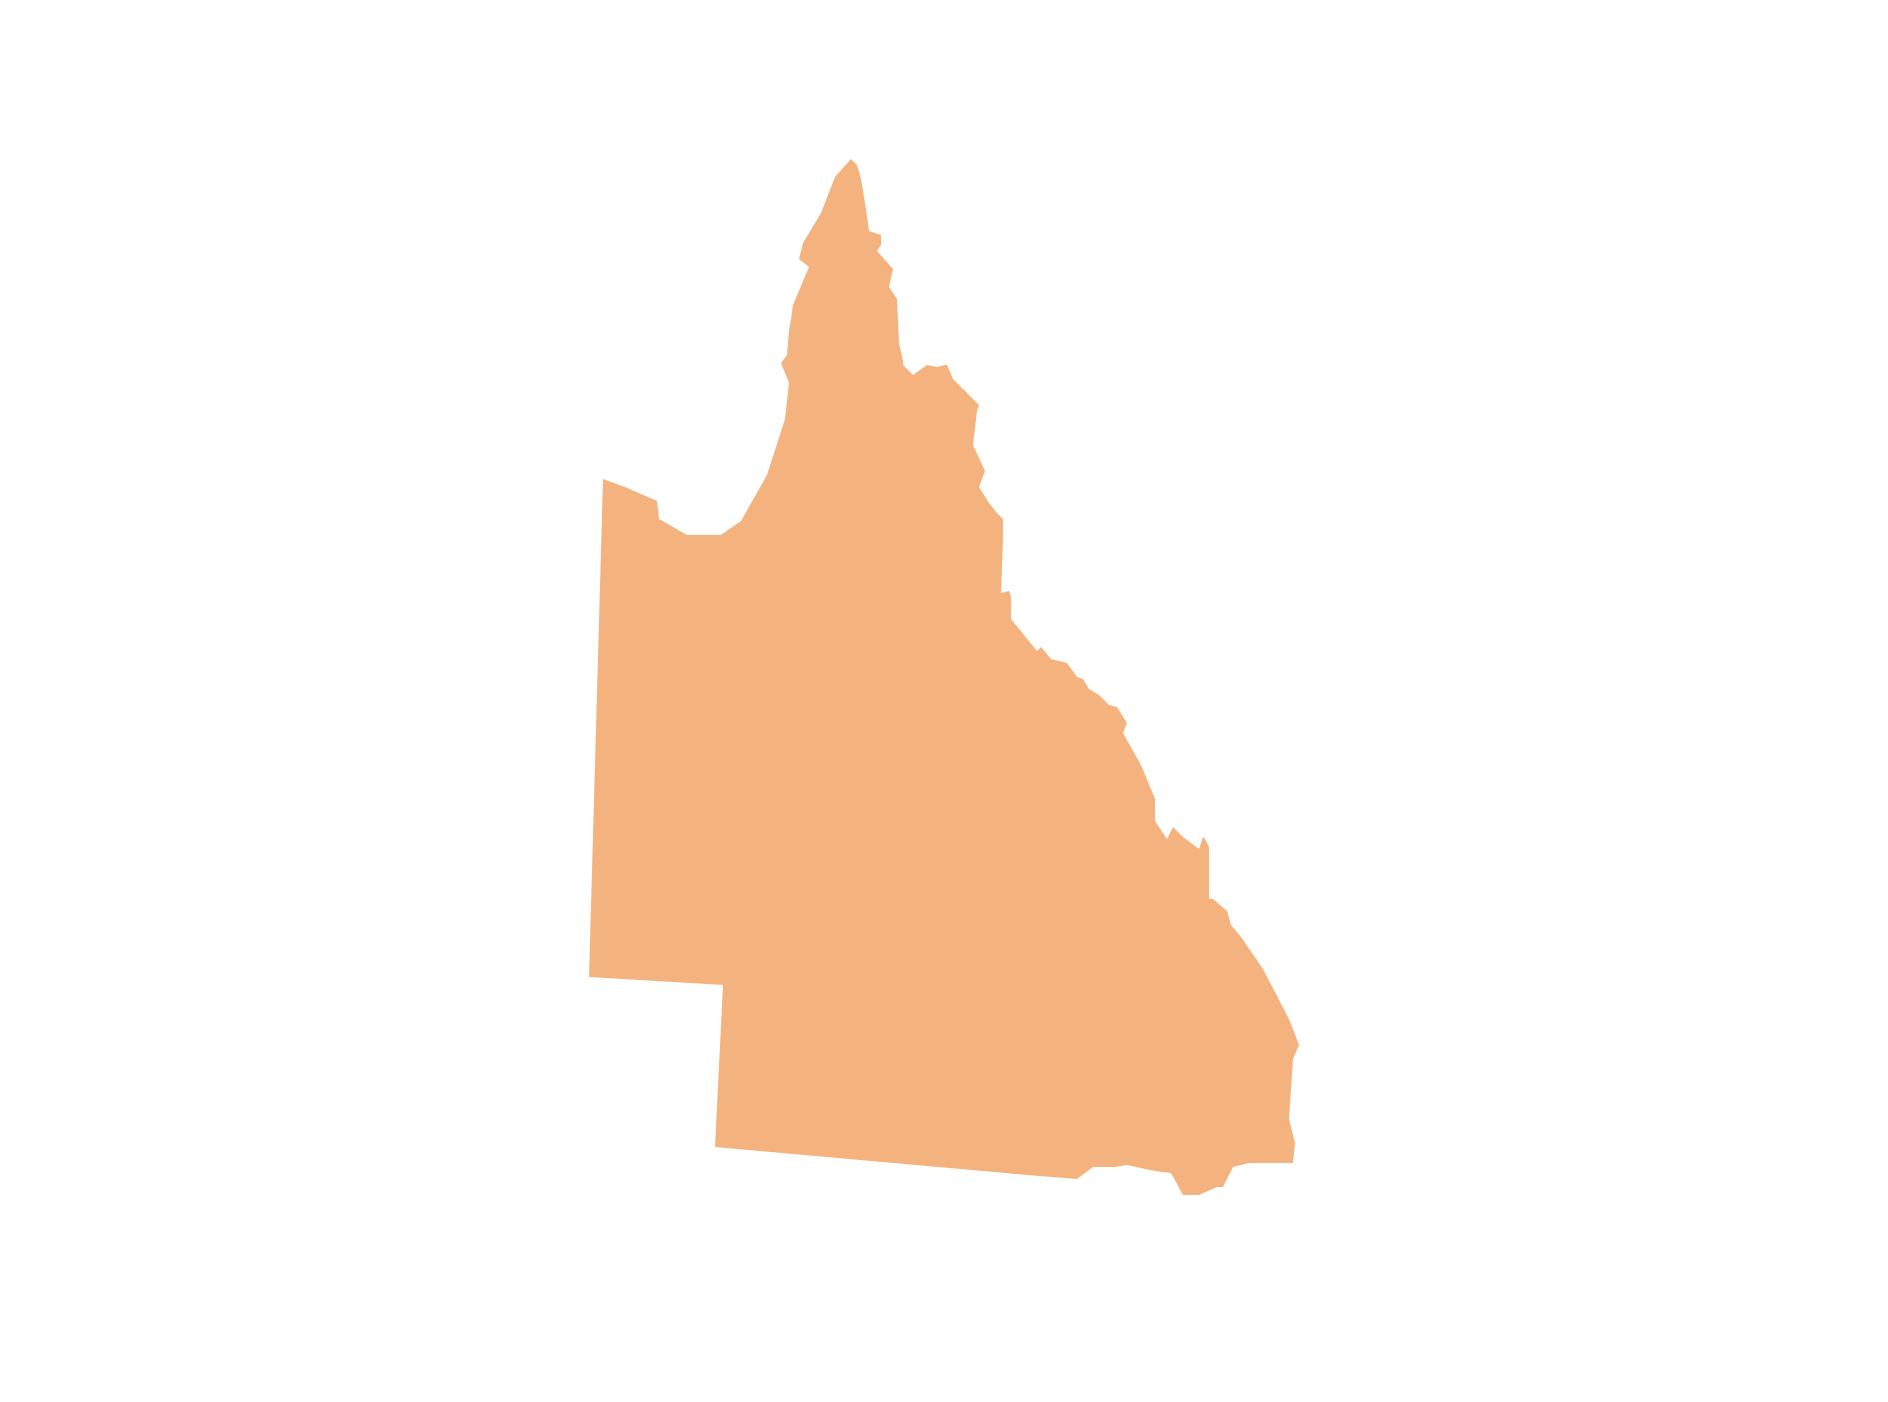 Geo Map - Australia - Qeensland